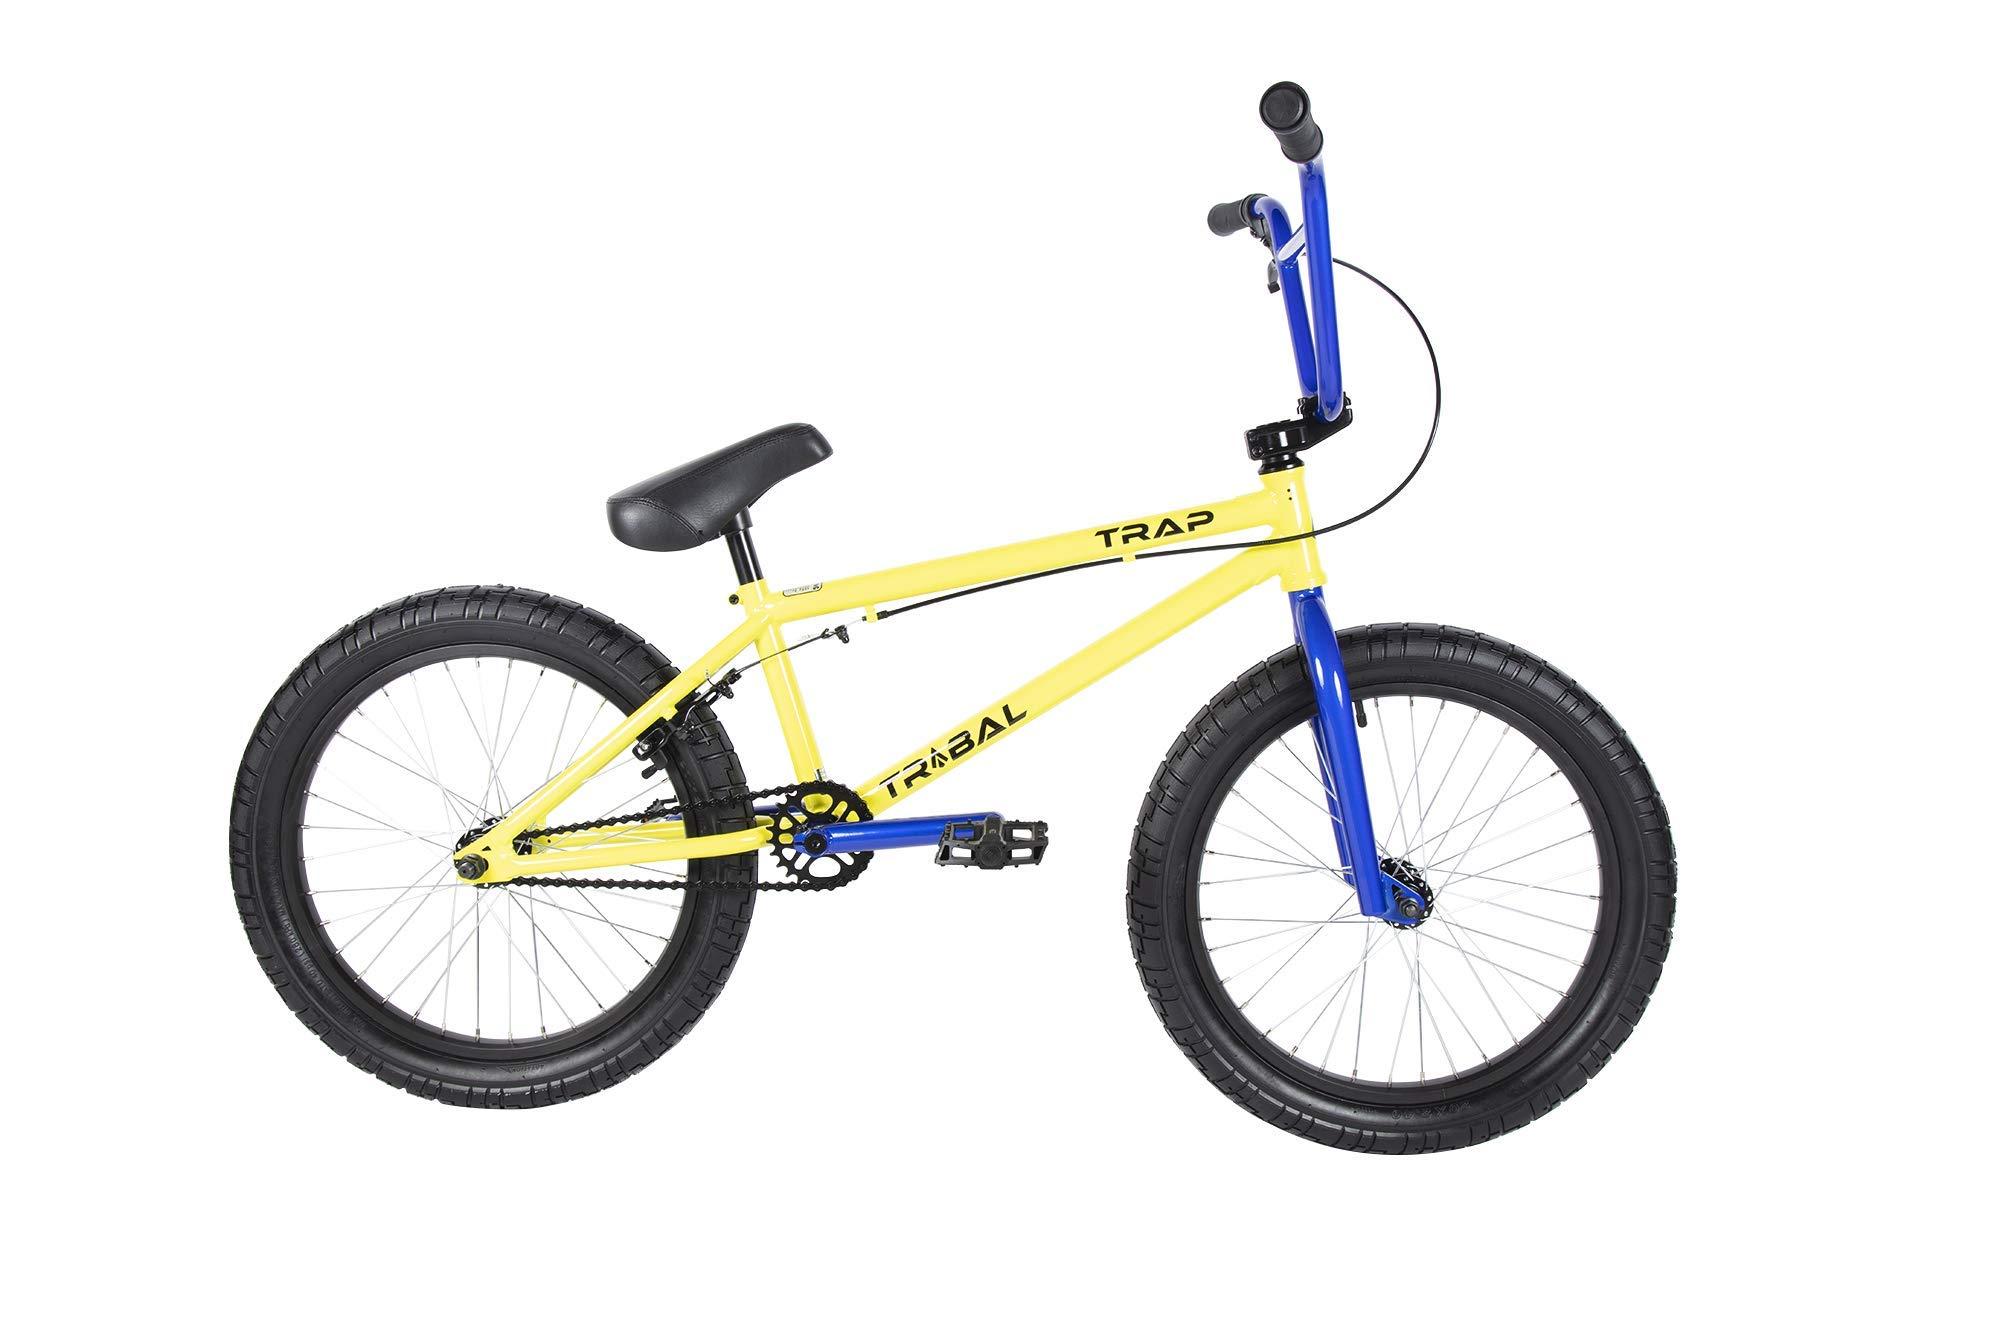 Tribal Trap BMX - Bicicleta, Color Amarillo: Amazon.es: Deportes y aire libre